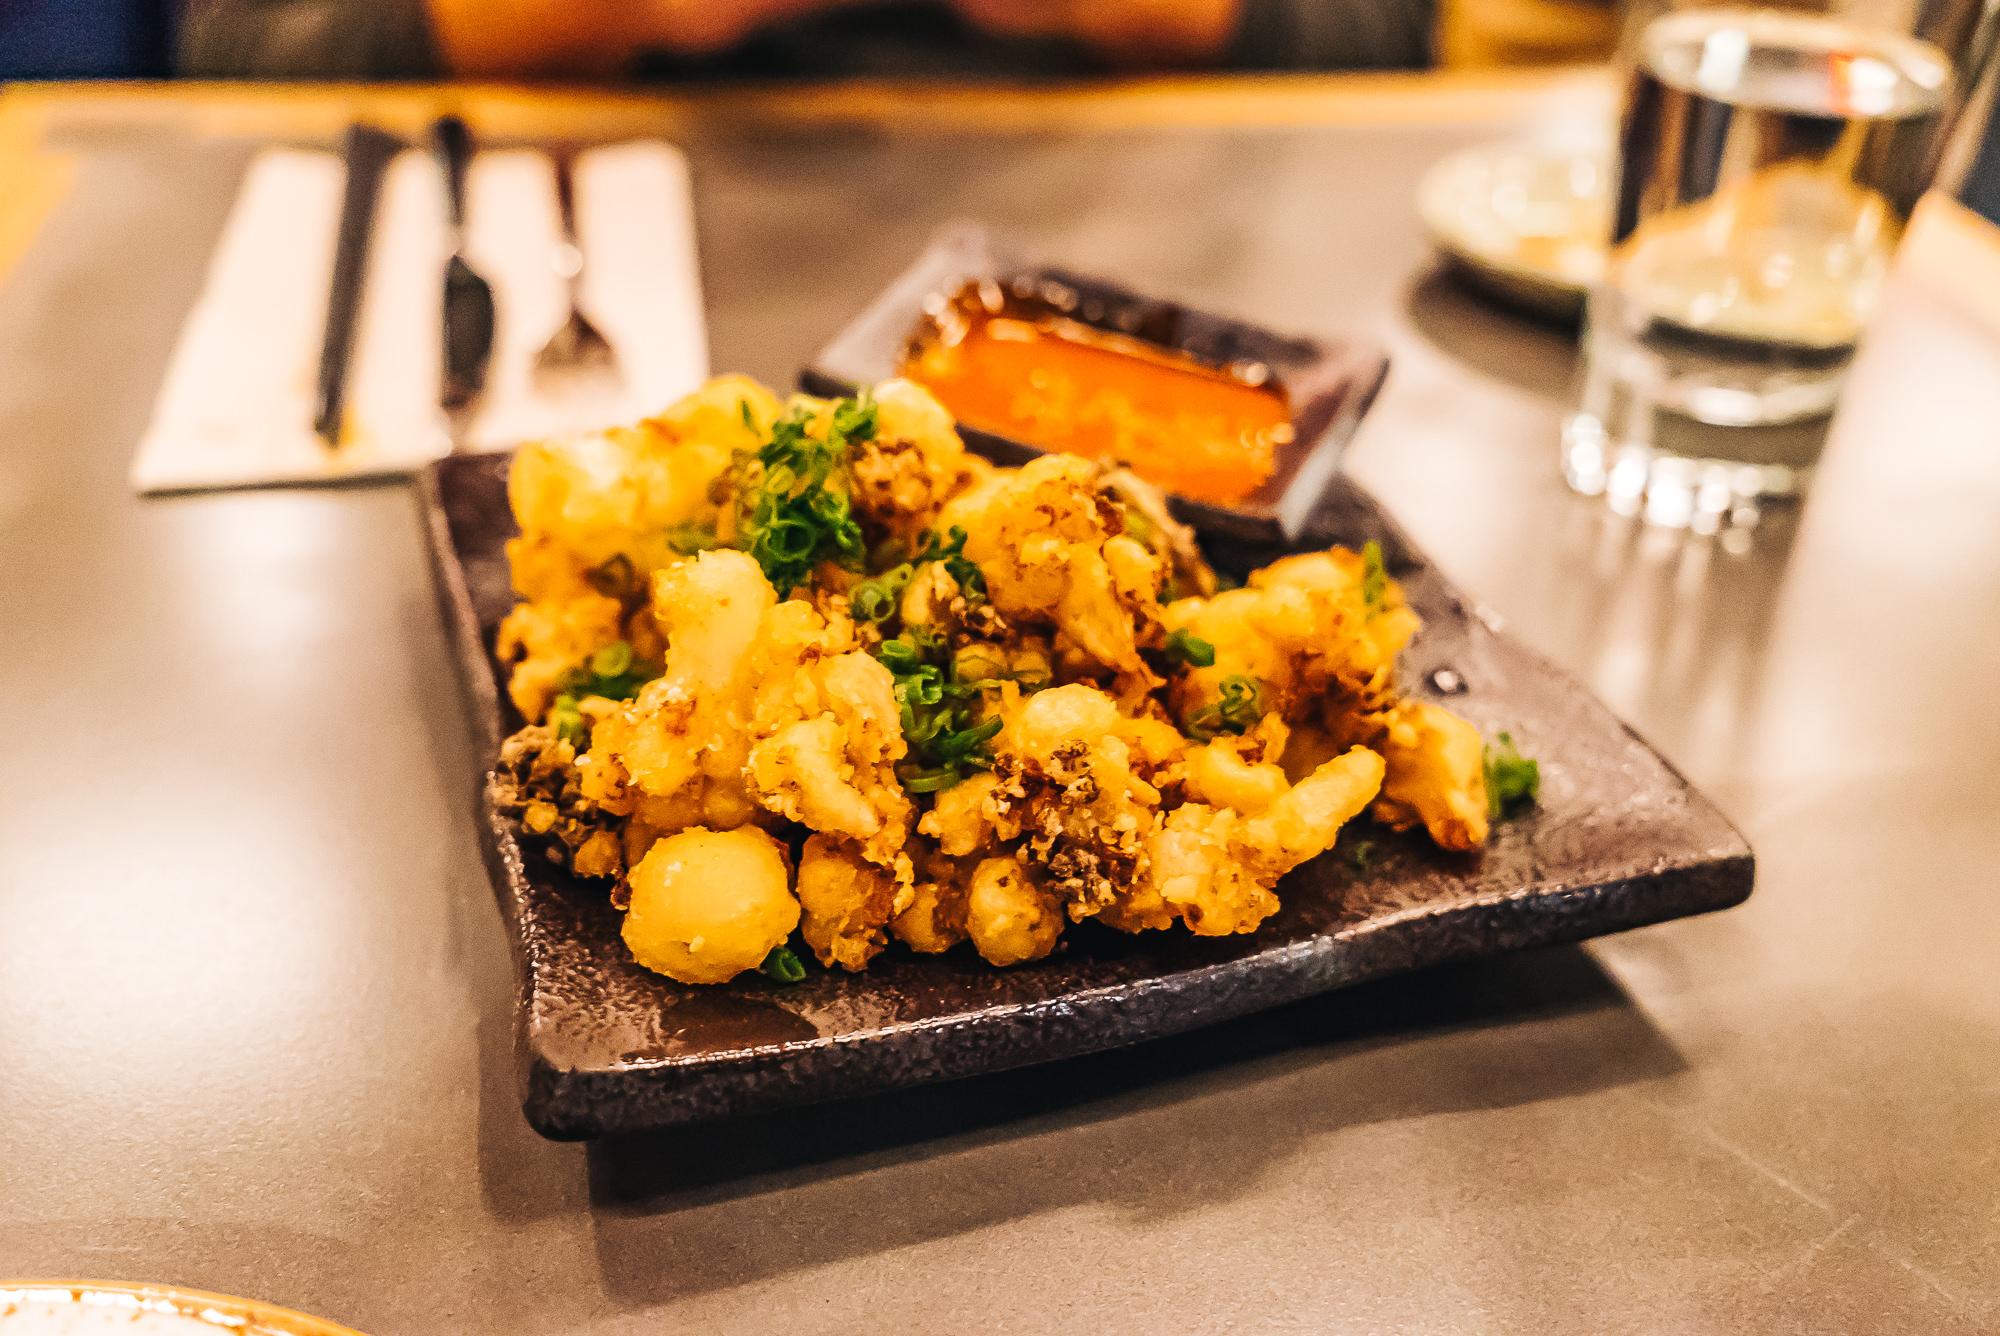 Hana Yasai - fried cauliflower